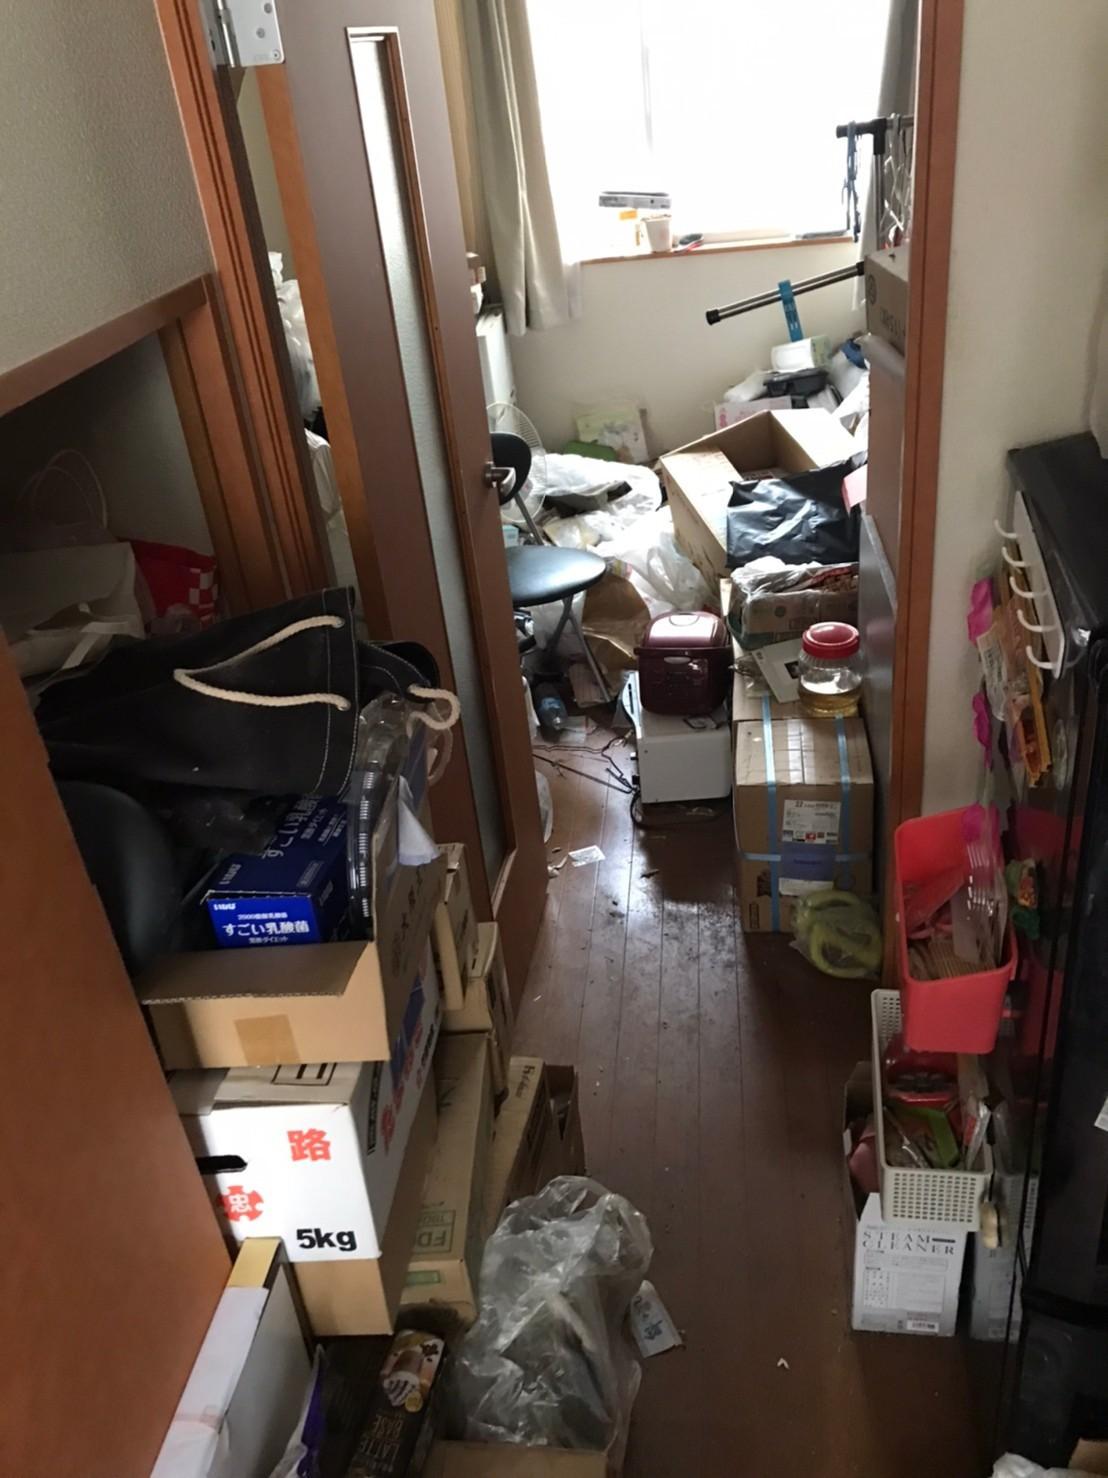 福山市 お片付け ゴミ屋敷整理Before